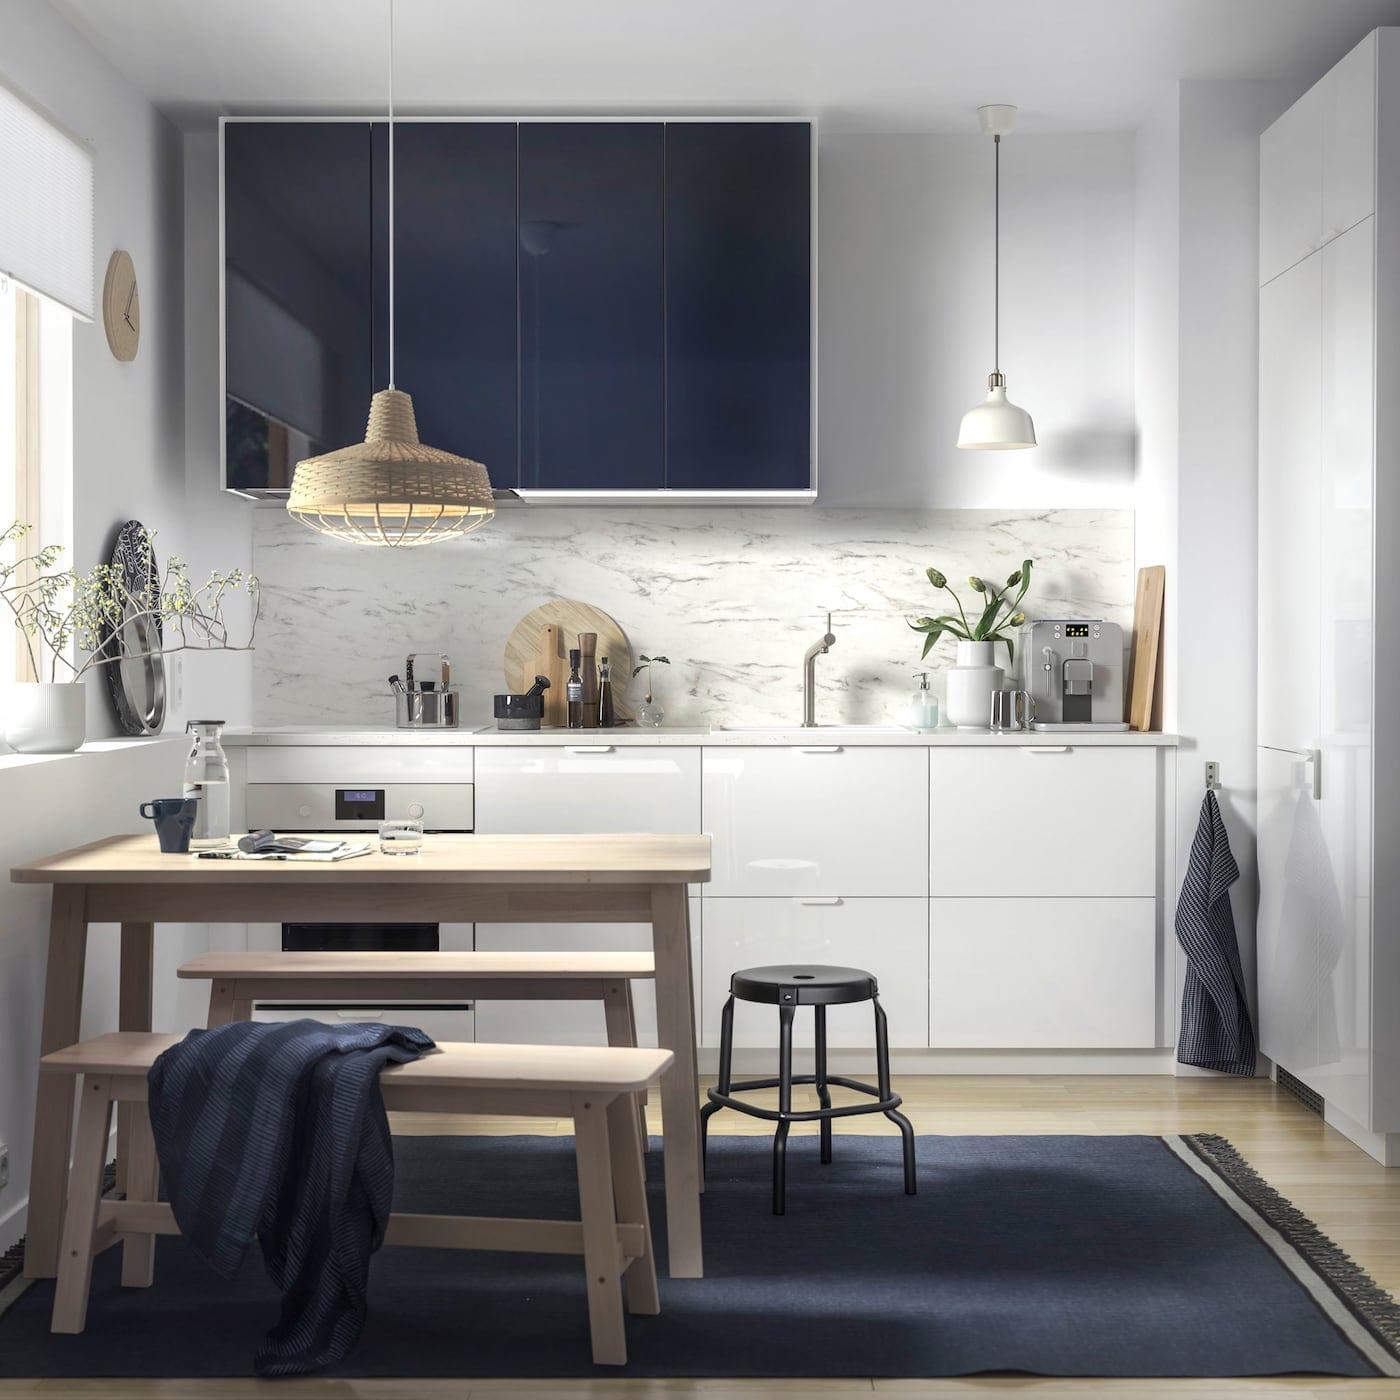 Ante Cucina Ikea Misure.Piccola Di Dimensioni Grande Nello Stile Ikea It